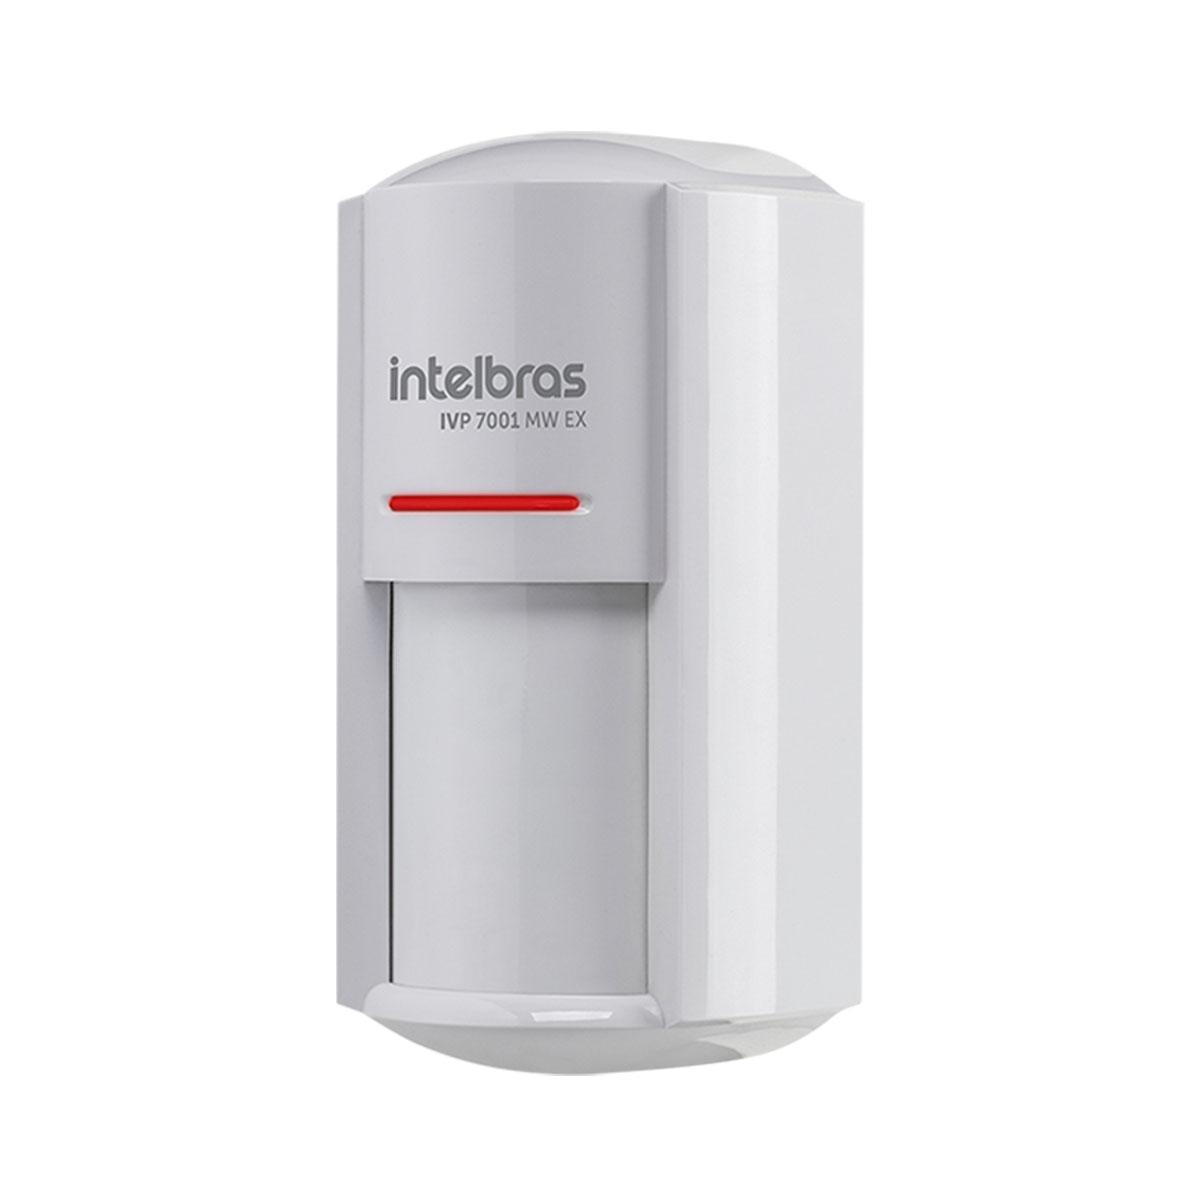 Kit 04 Sensor Externo Com Fio Intelbras Ivp 7001 Mw Ex